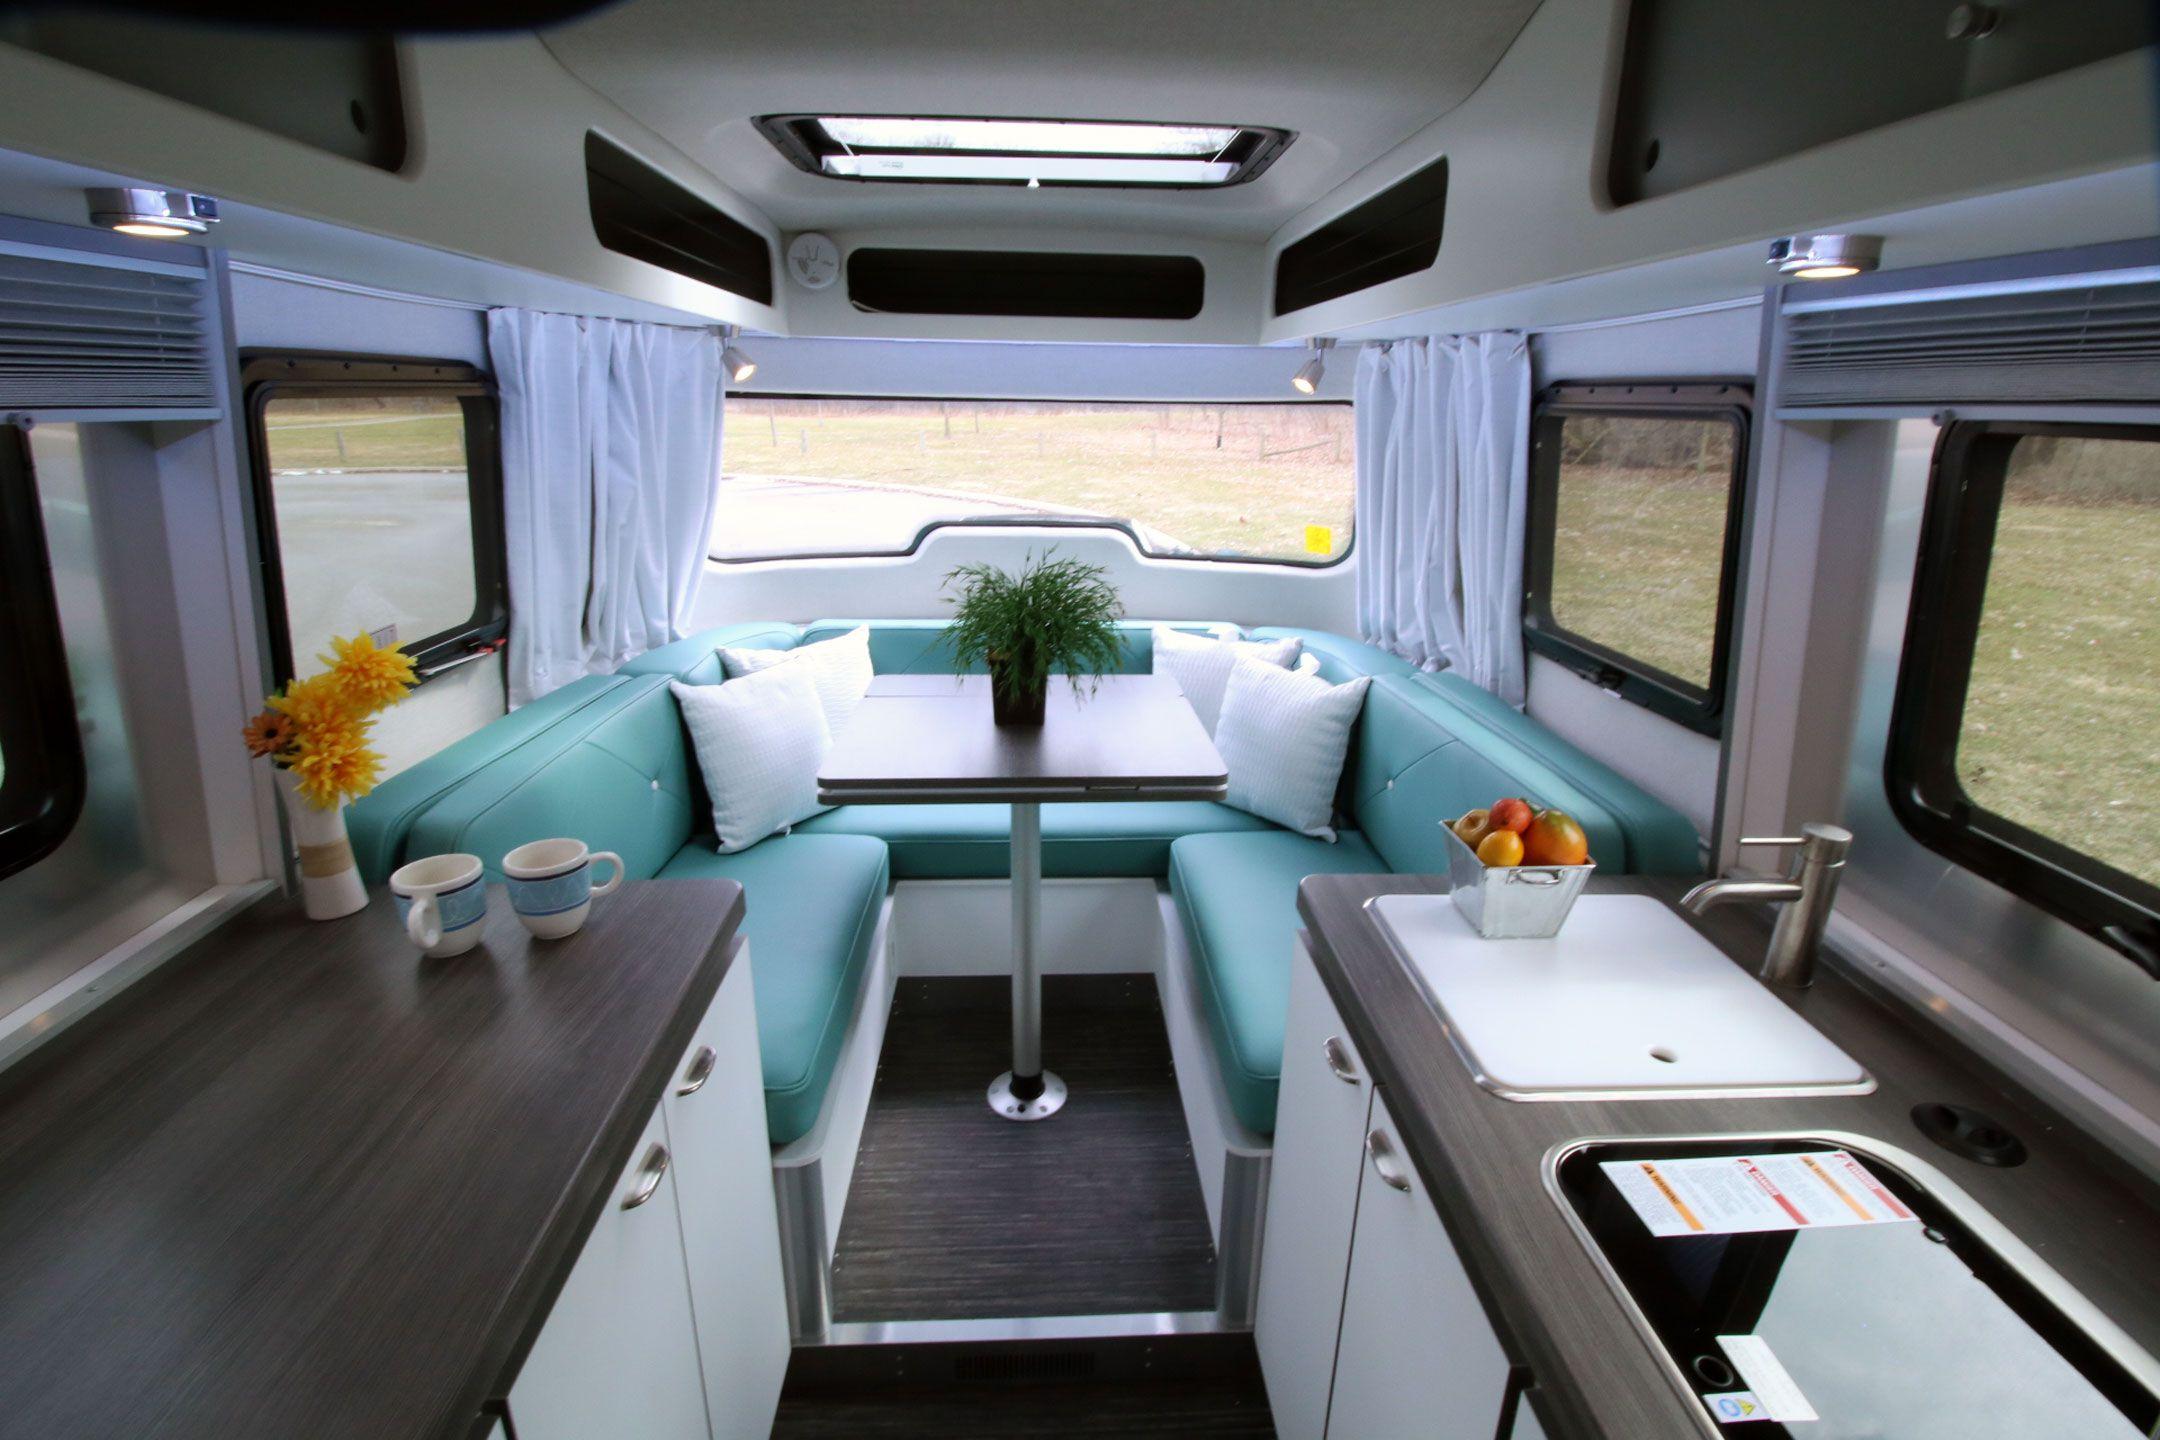 New 2019 Airstream Nest 16u Travel Trailer London